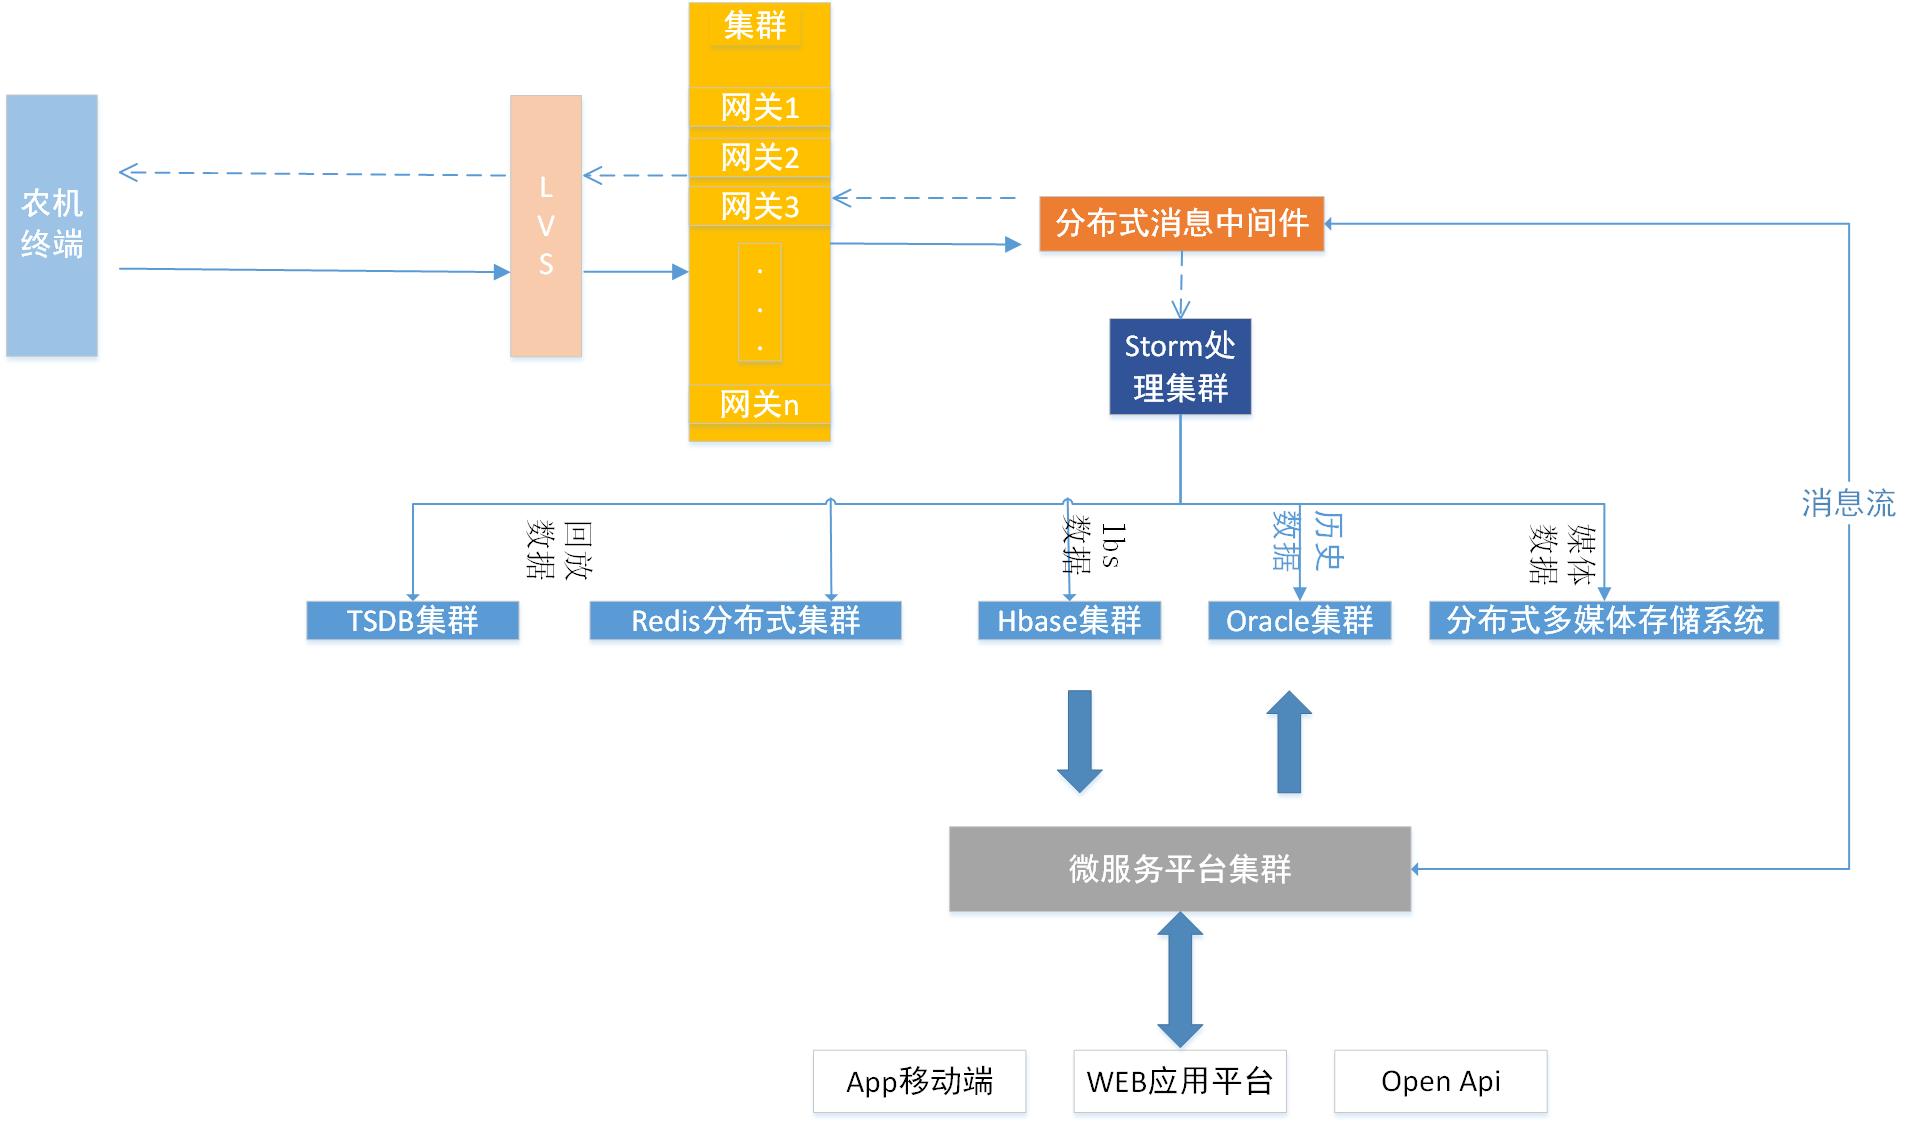 农机信息化综合服务平台介绍 - 第3张  | 乐生活